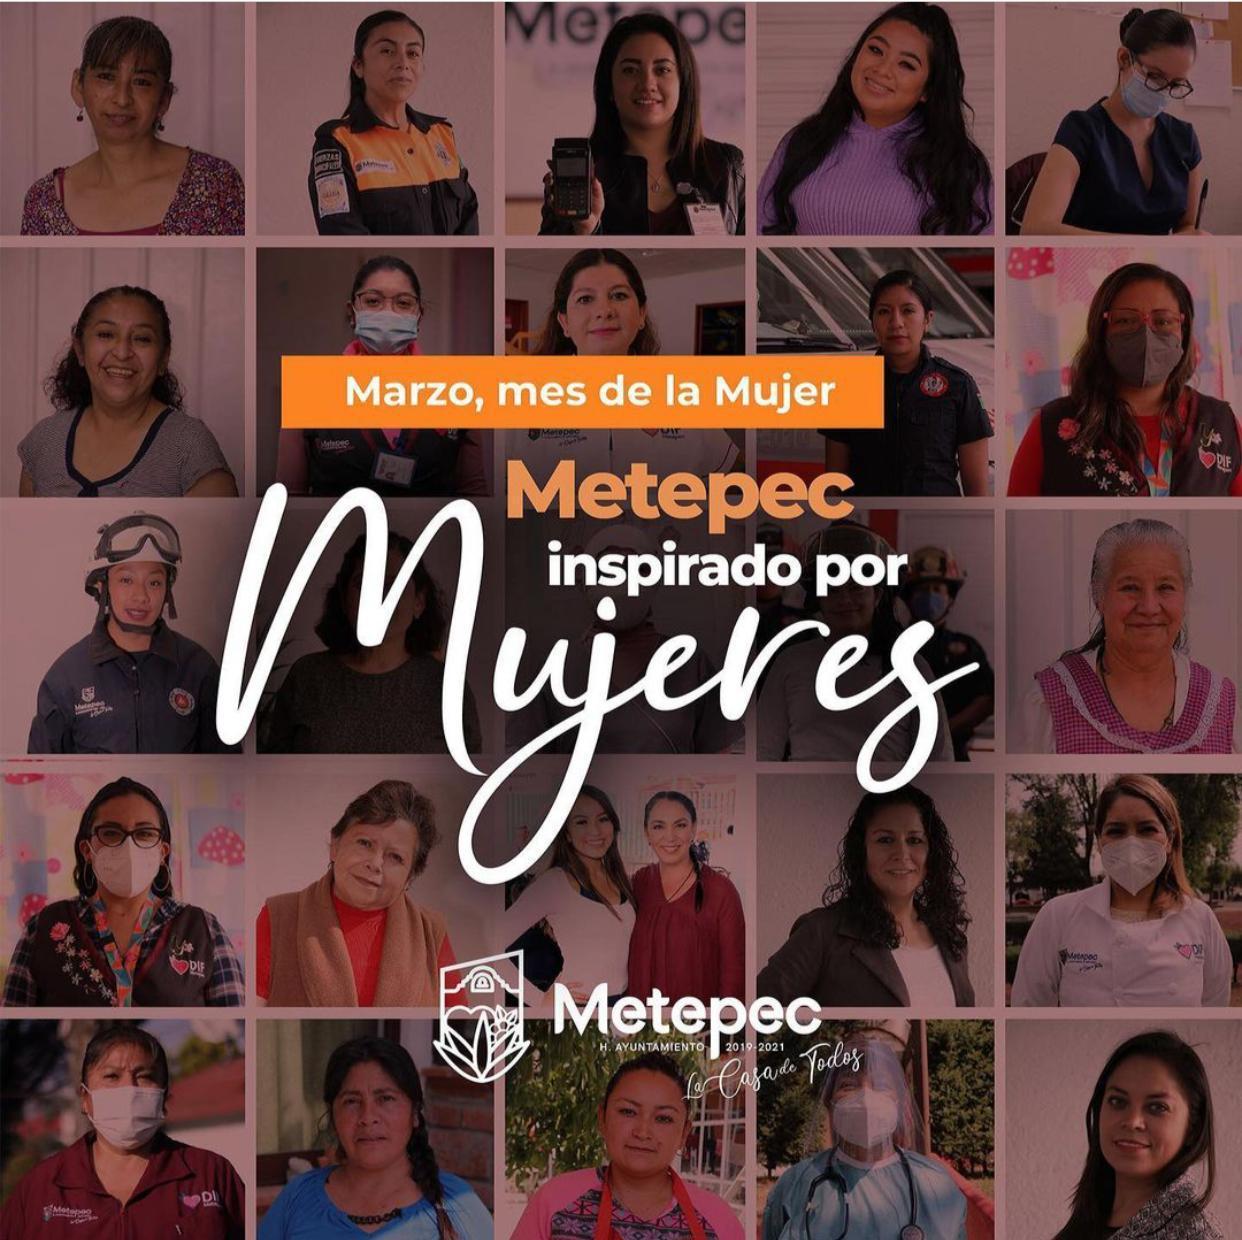 Metepec inspirado por mujeres: Gaby Gamboa